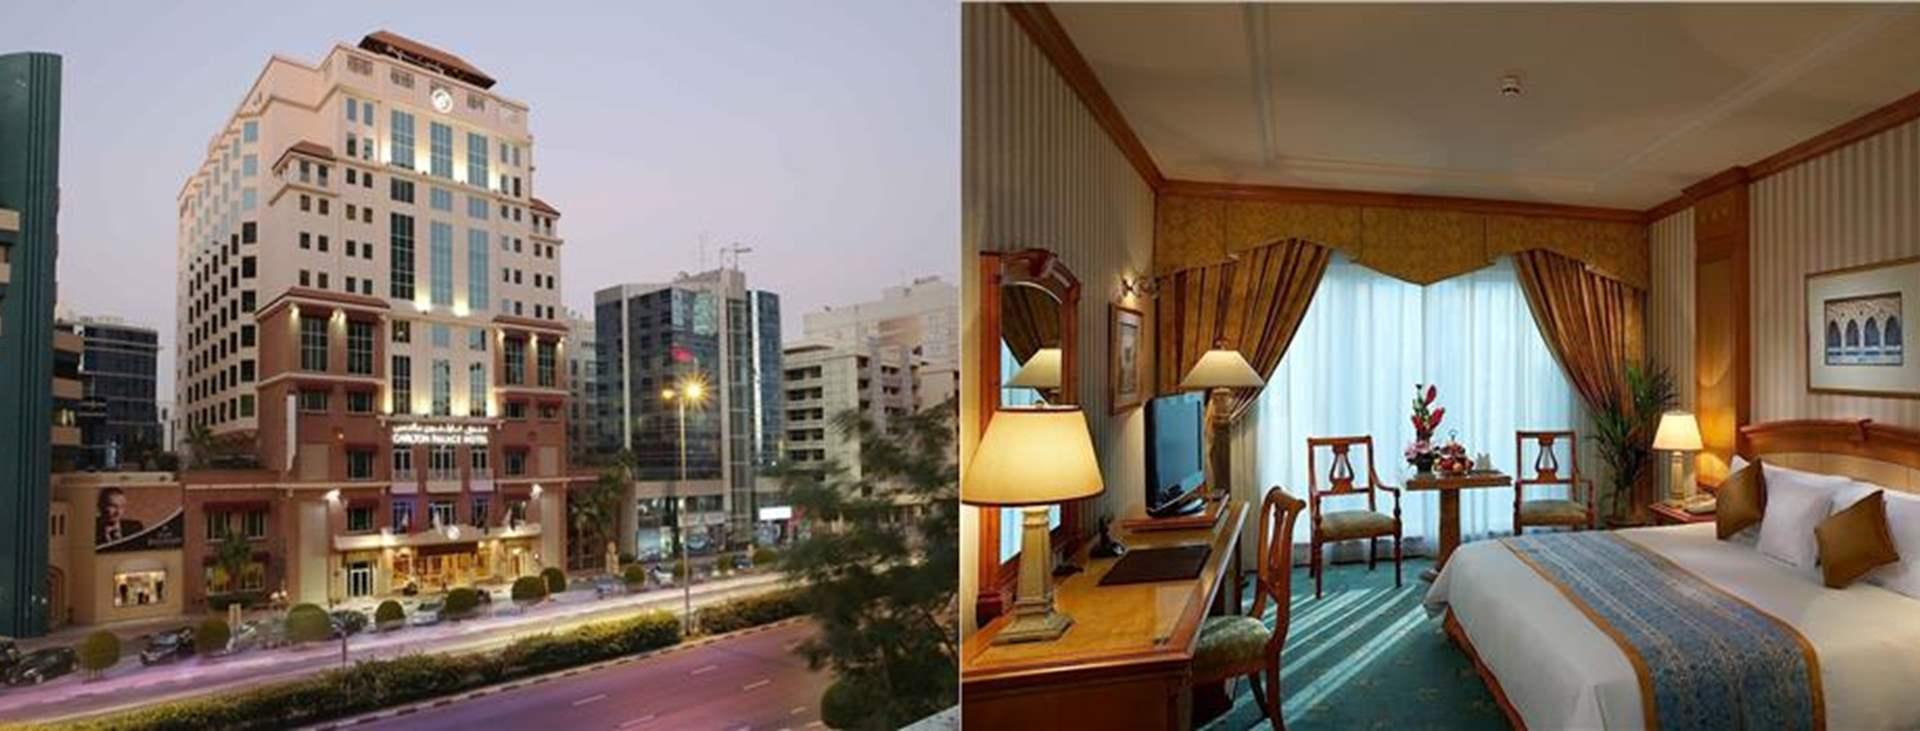 Carlton palace hotel дубай купить недвижимость в великобритании